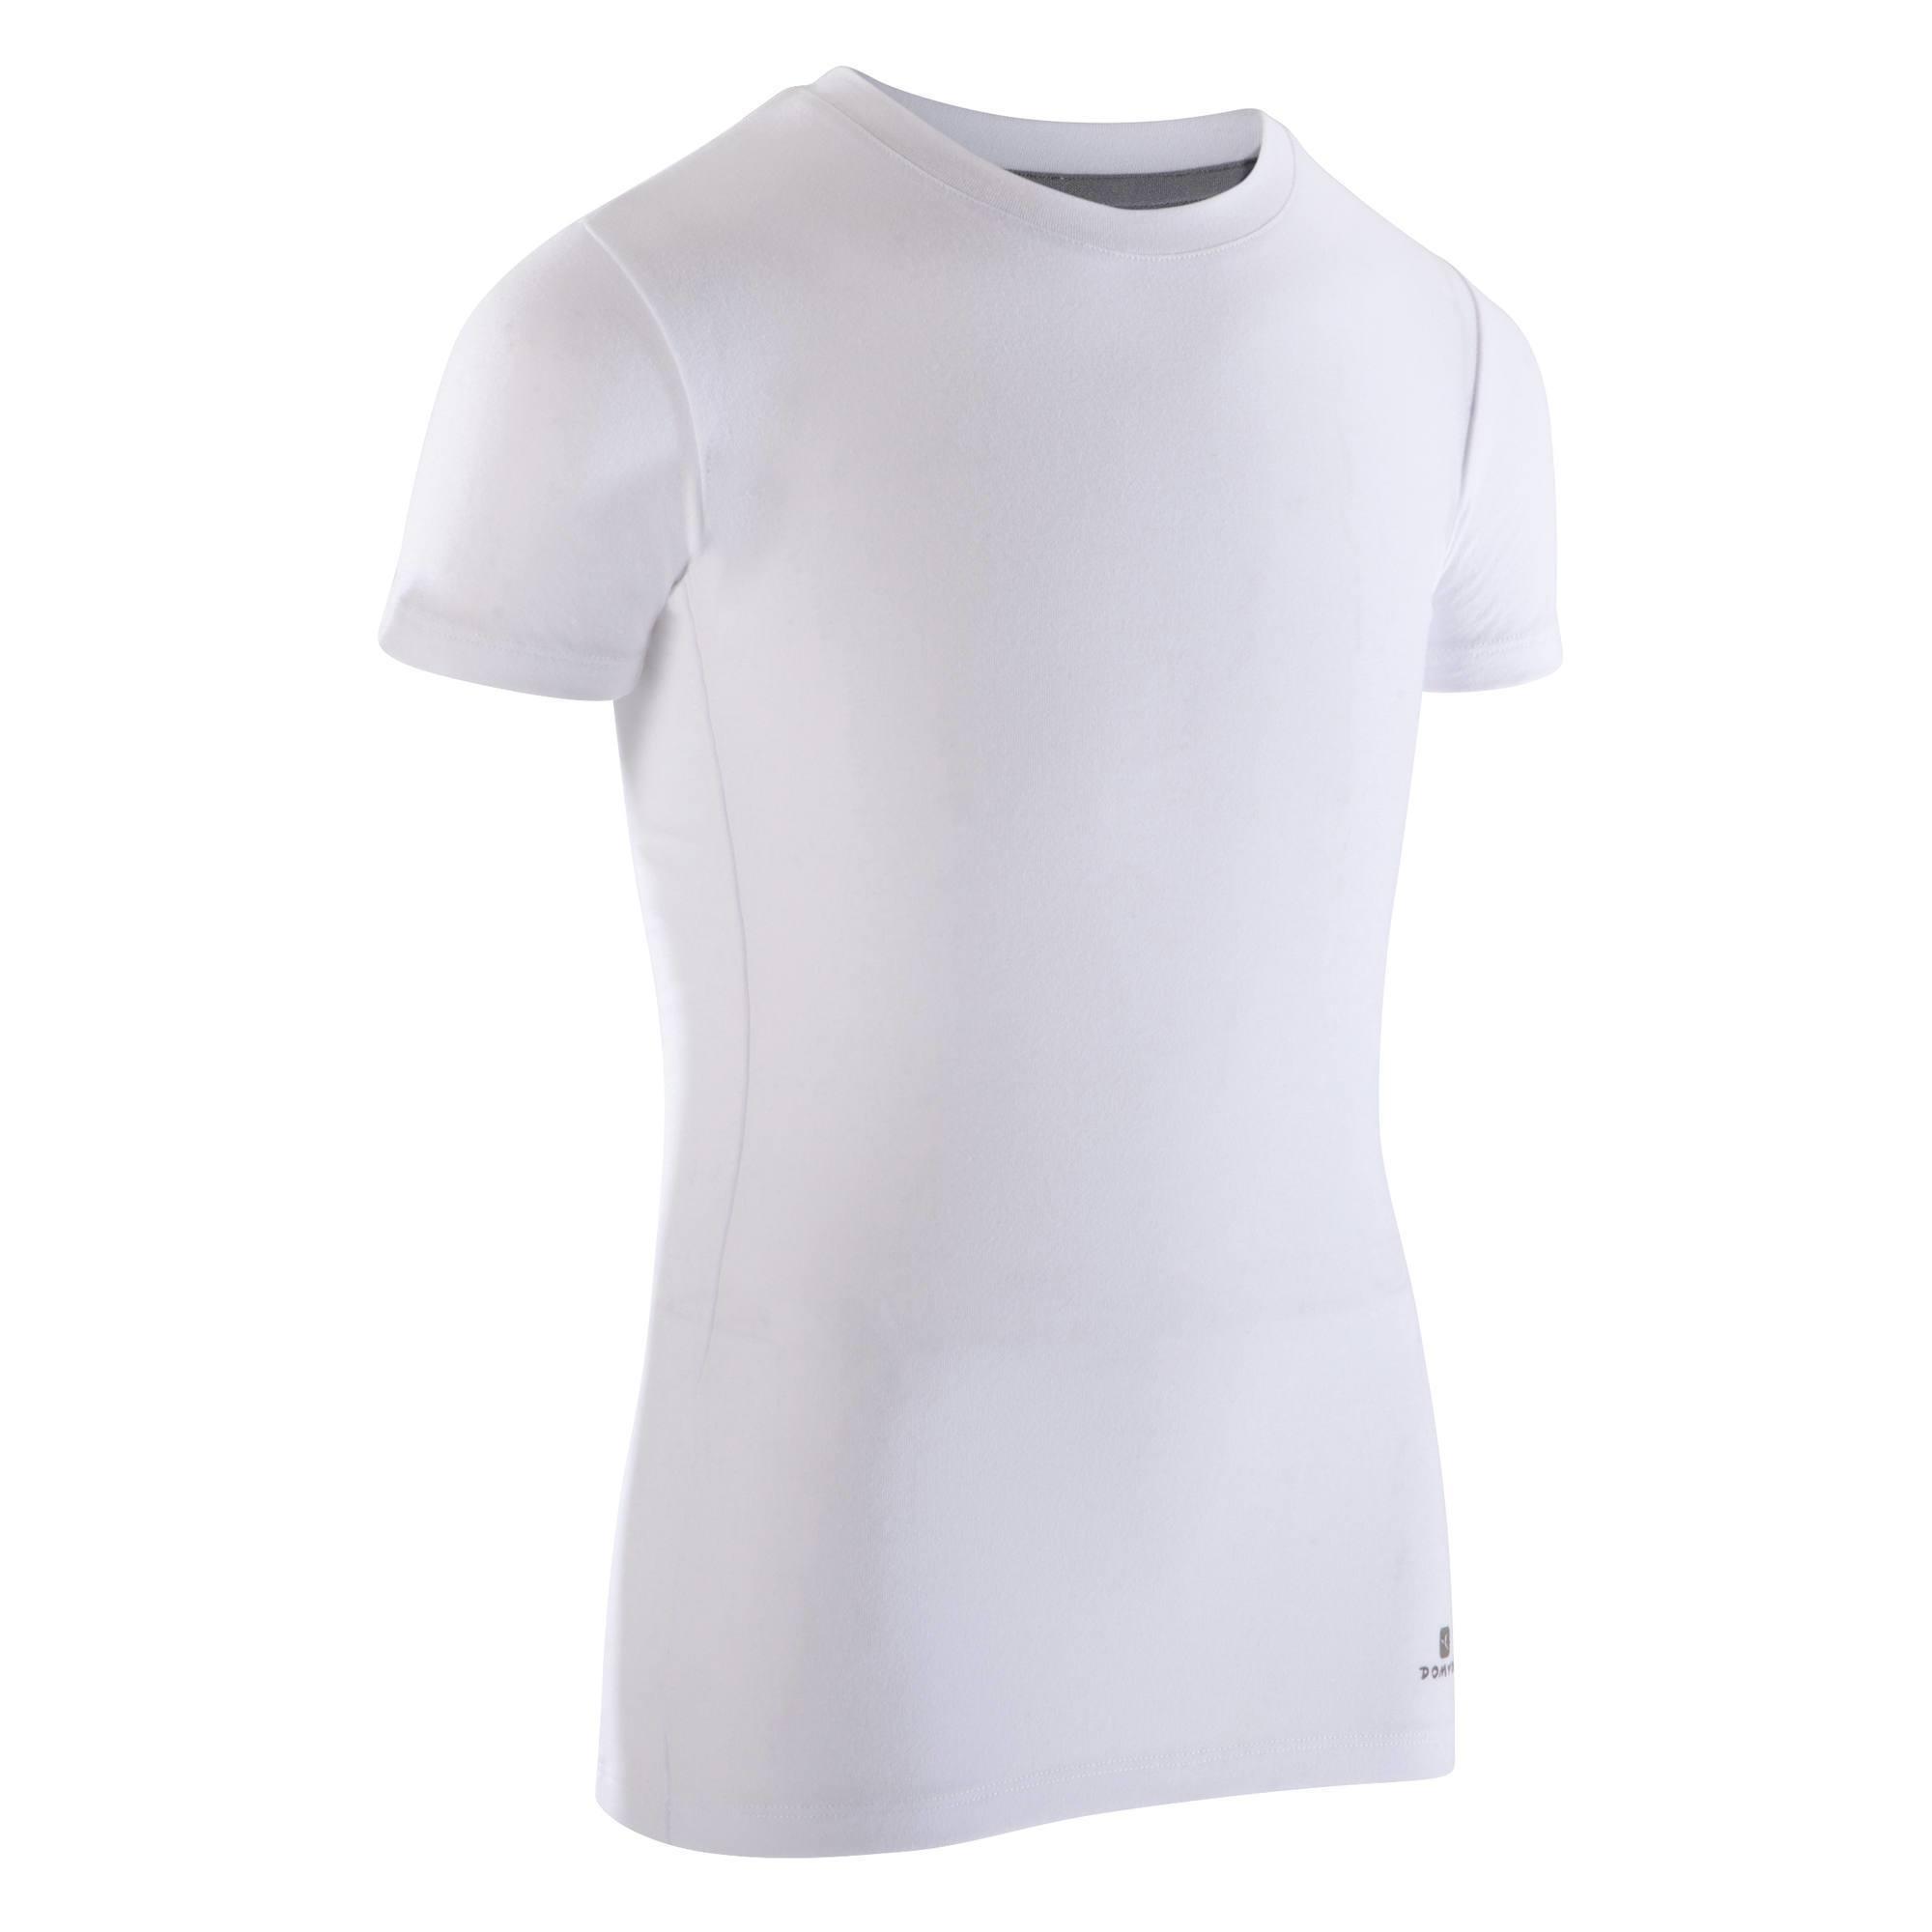 T-shirt manches courtes blanc de danse garçon